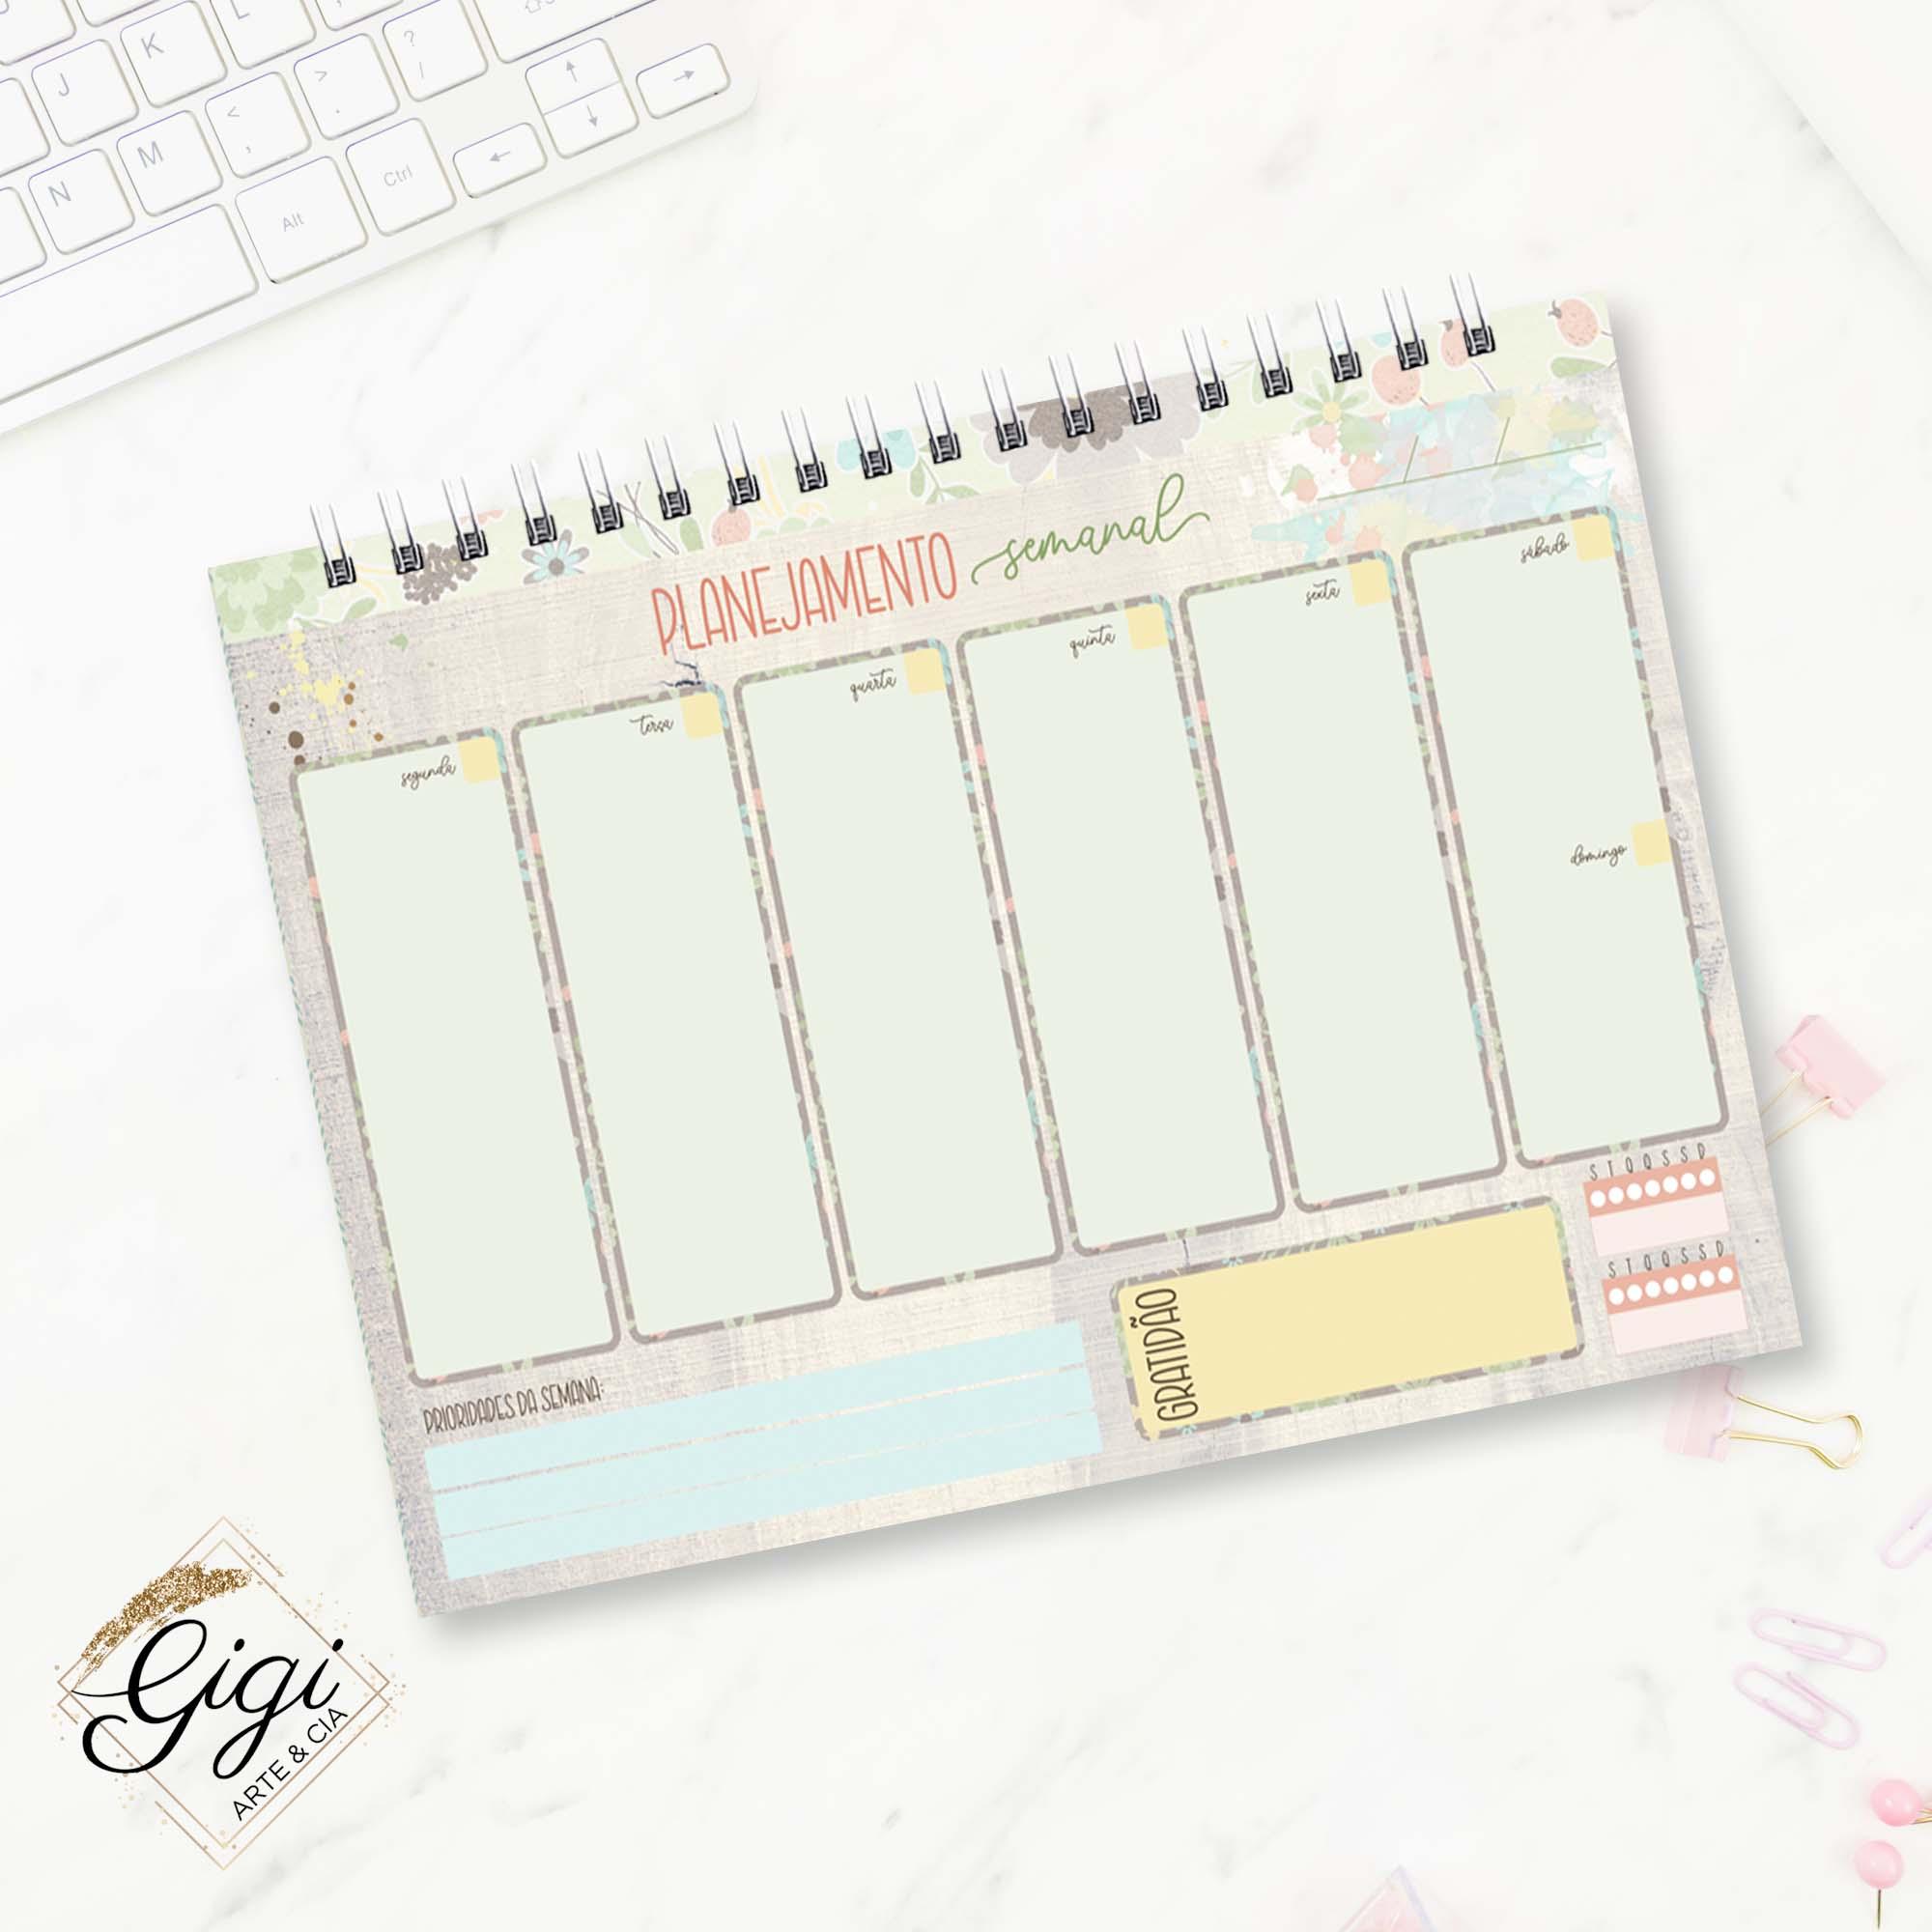 Planejamento Semanal - Pausa Necessária  - Gigi Arte e Cia